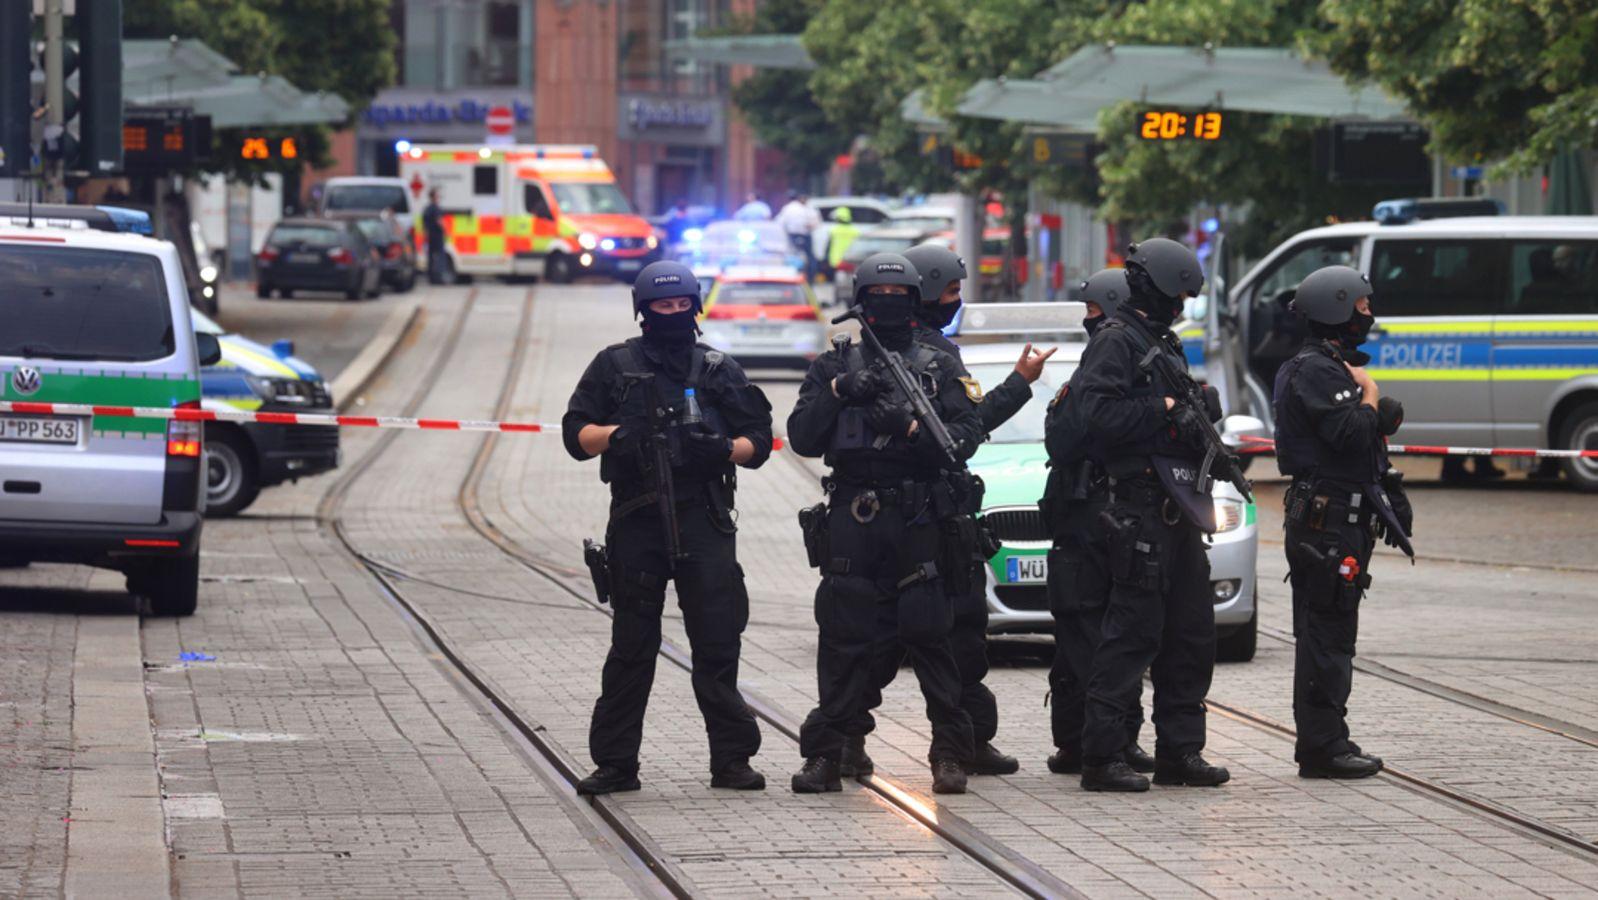 Messerangriff in Würzburg – Was wir bisher wissen